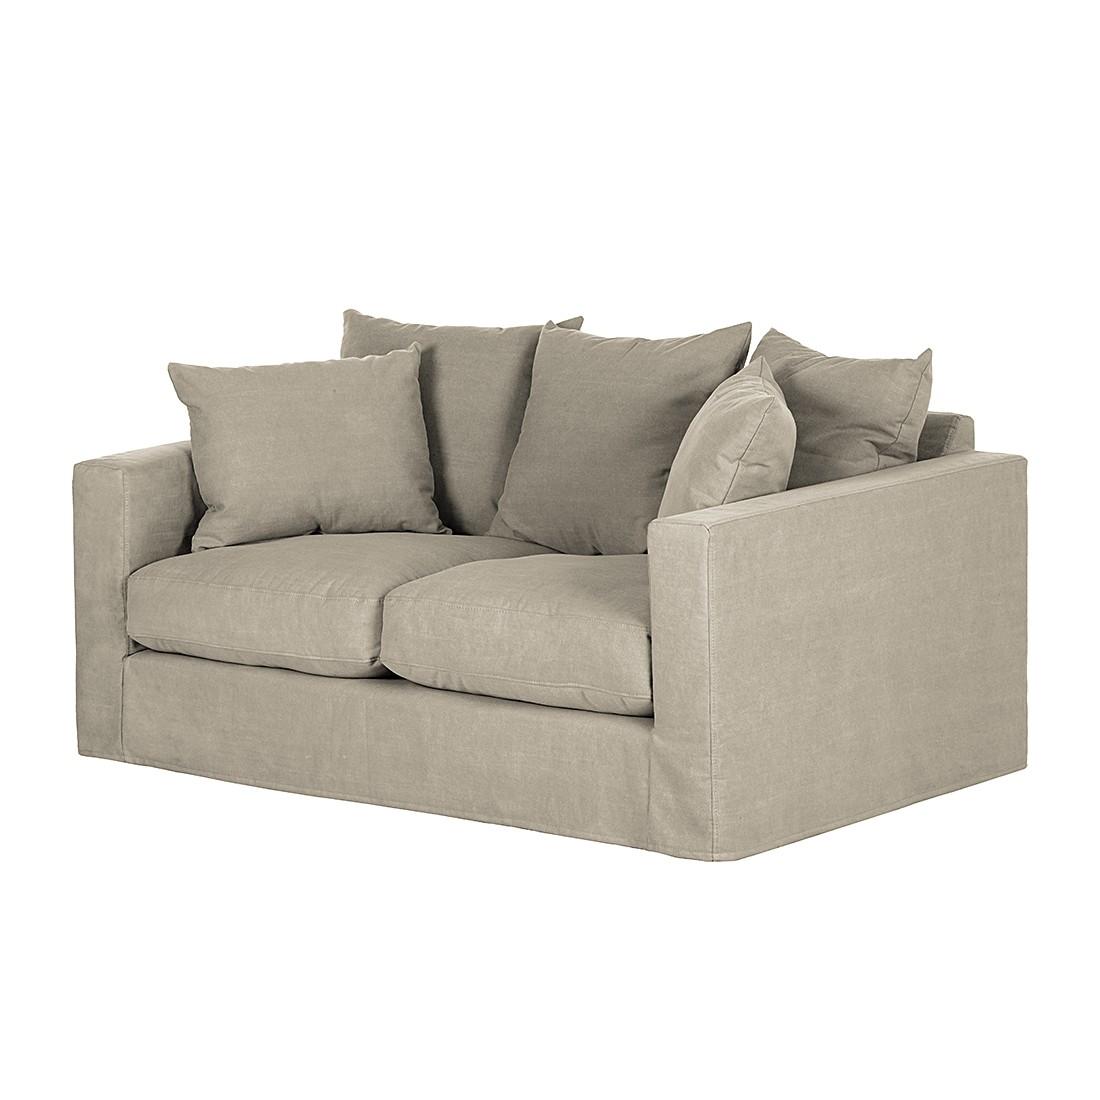 Sofa Ashton (2-Sitzer) – Baumwollstoff – Beige, Maison Belfort günstig